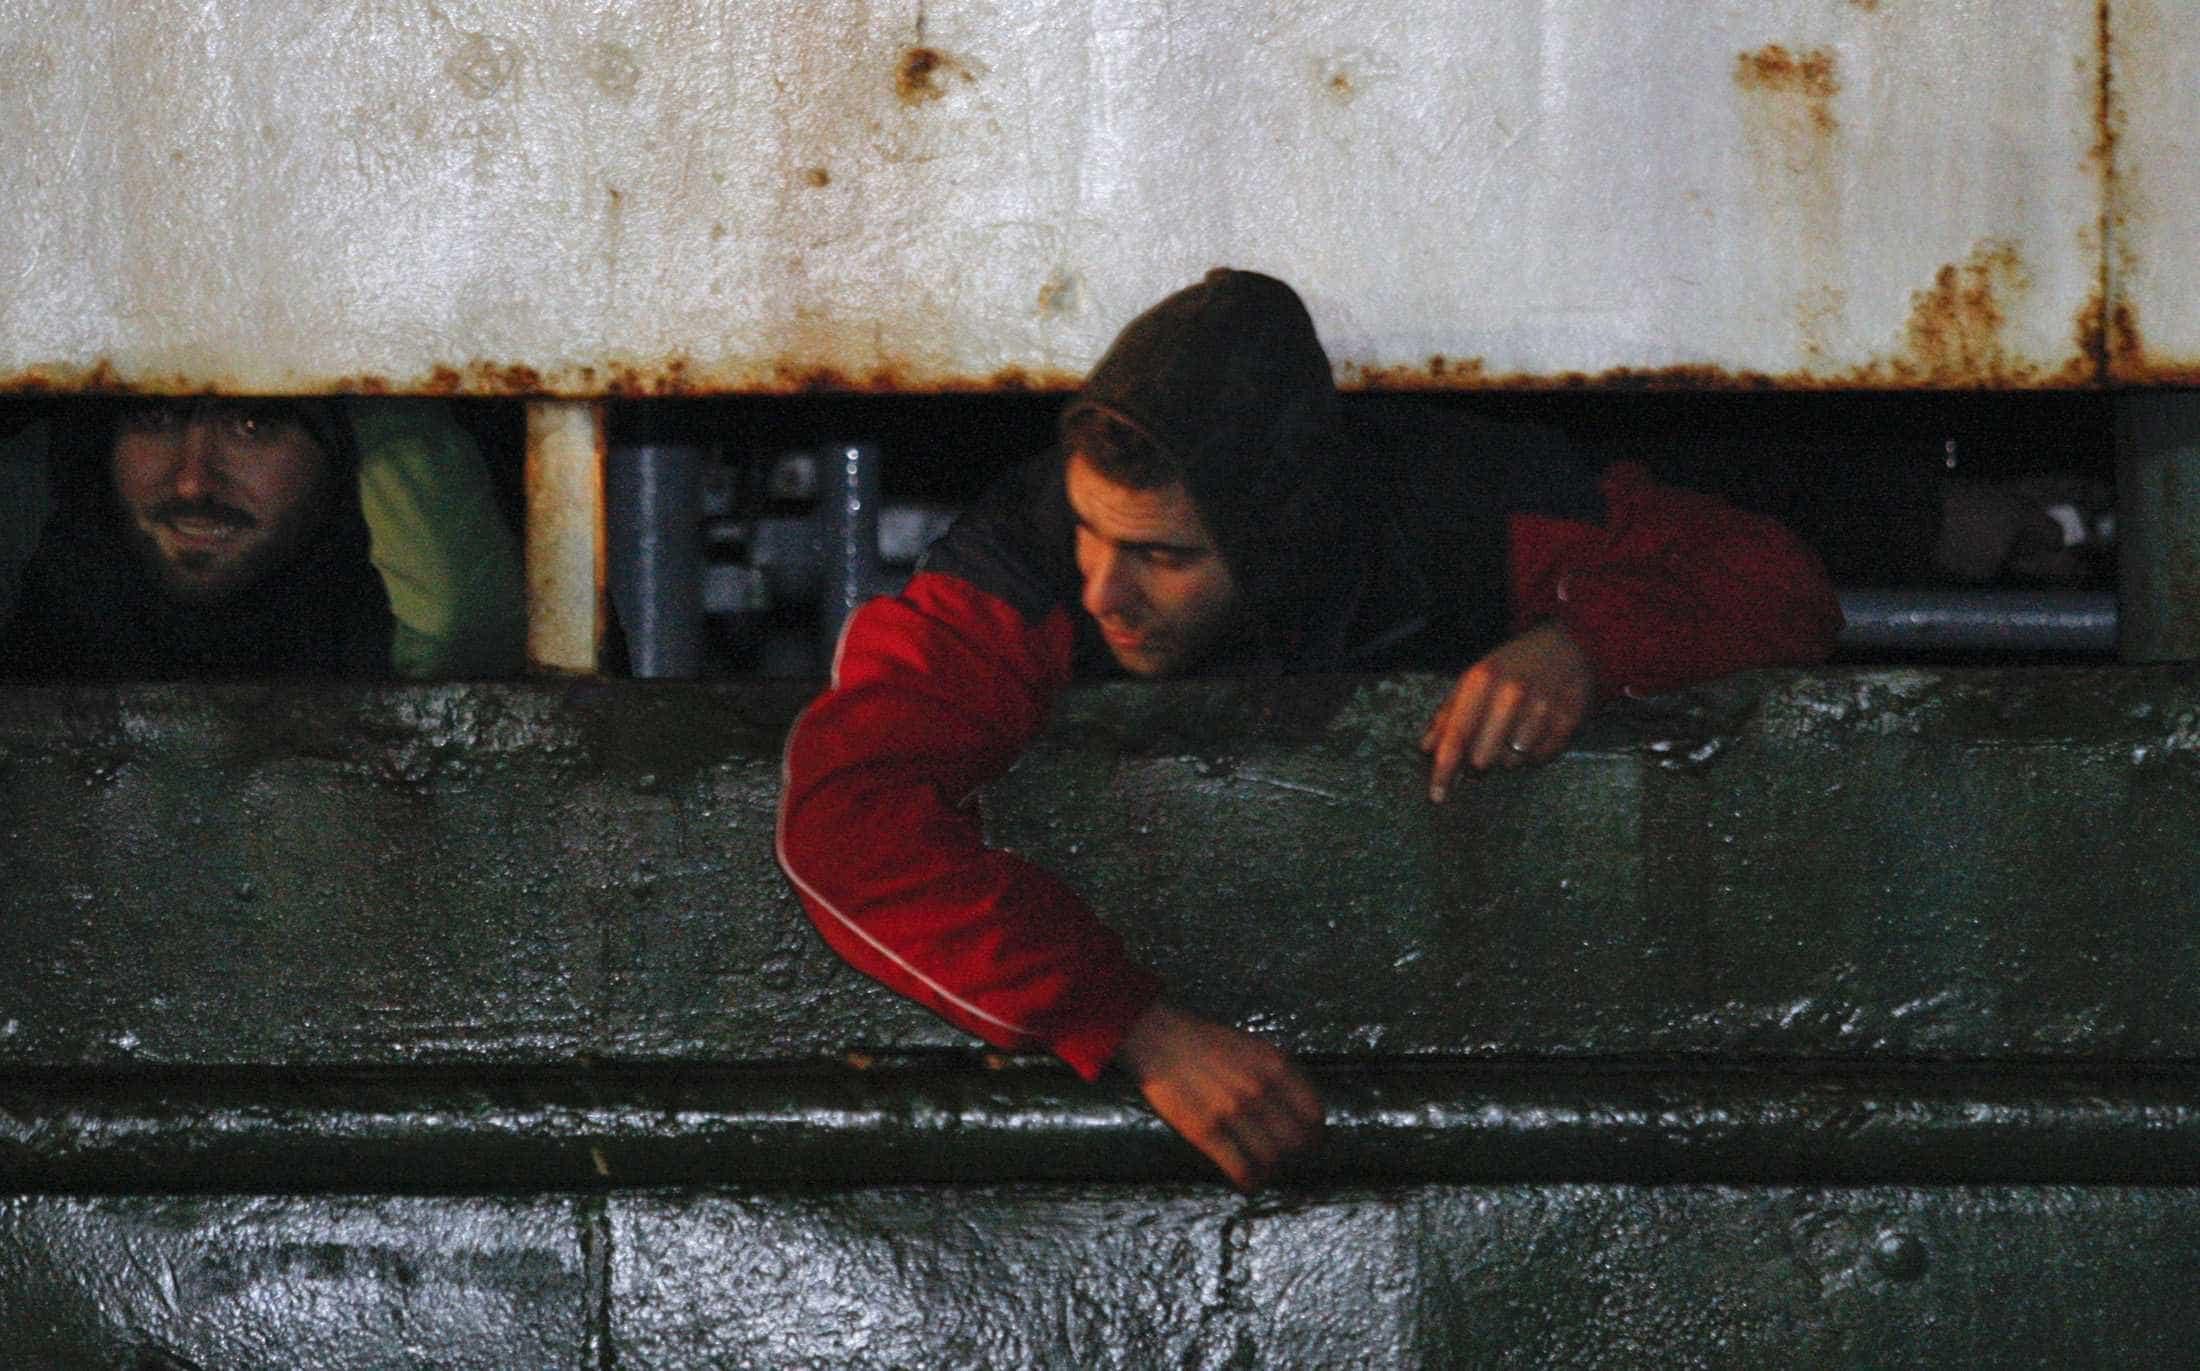 Portugal acolhe no Fundão seis migrantes resgatados no Mediterrâneo